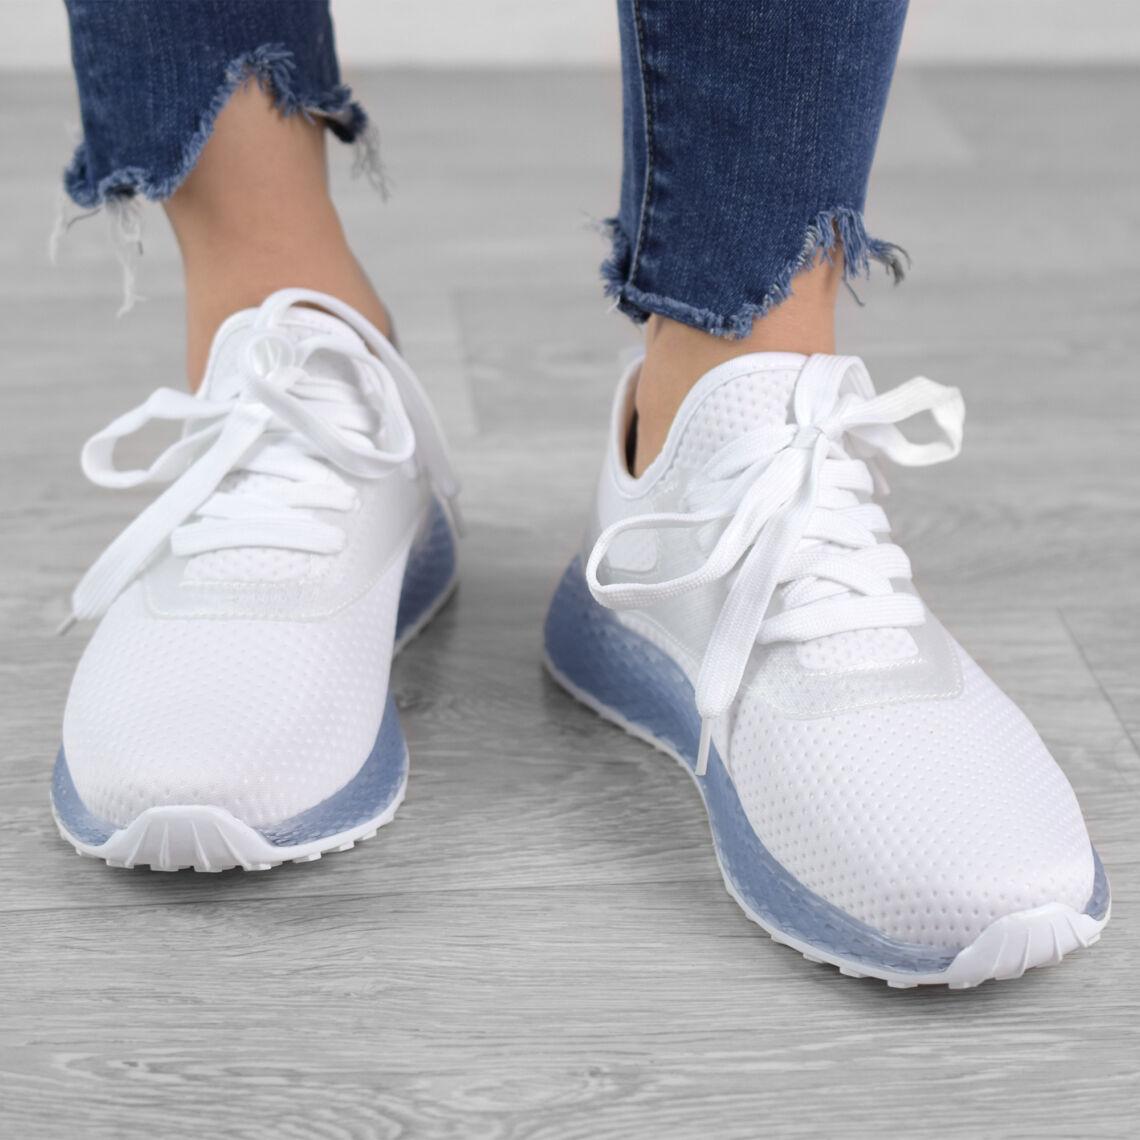 93ca3fae52 Fehér Női Poliészter Sportcipő - SPORTCIPŐK - Női cipő webáruház-női ...